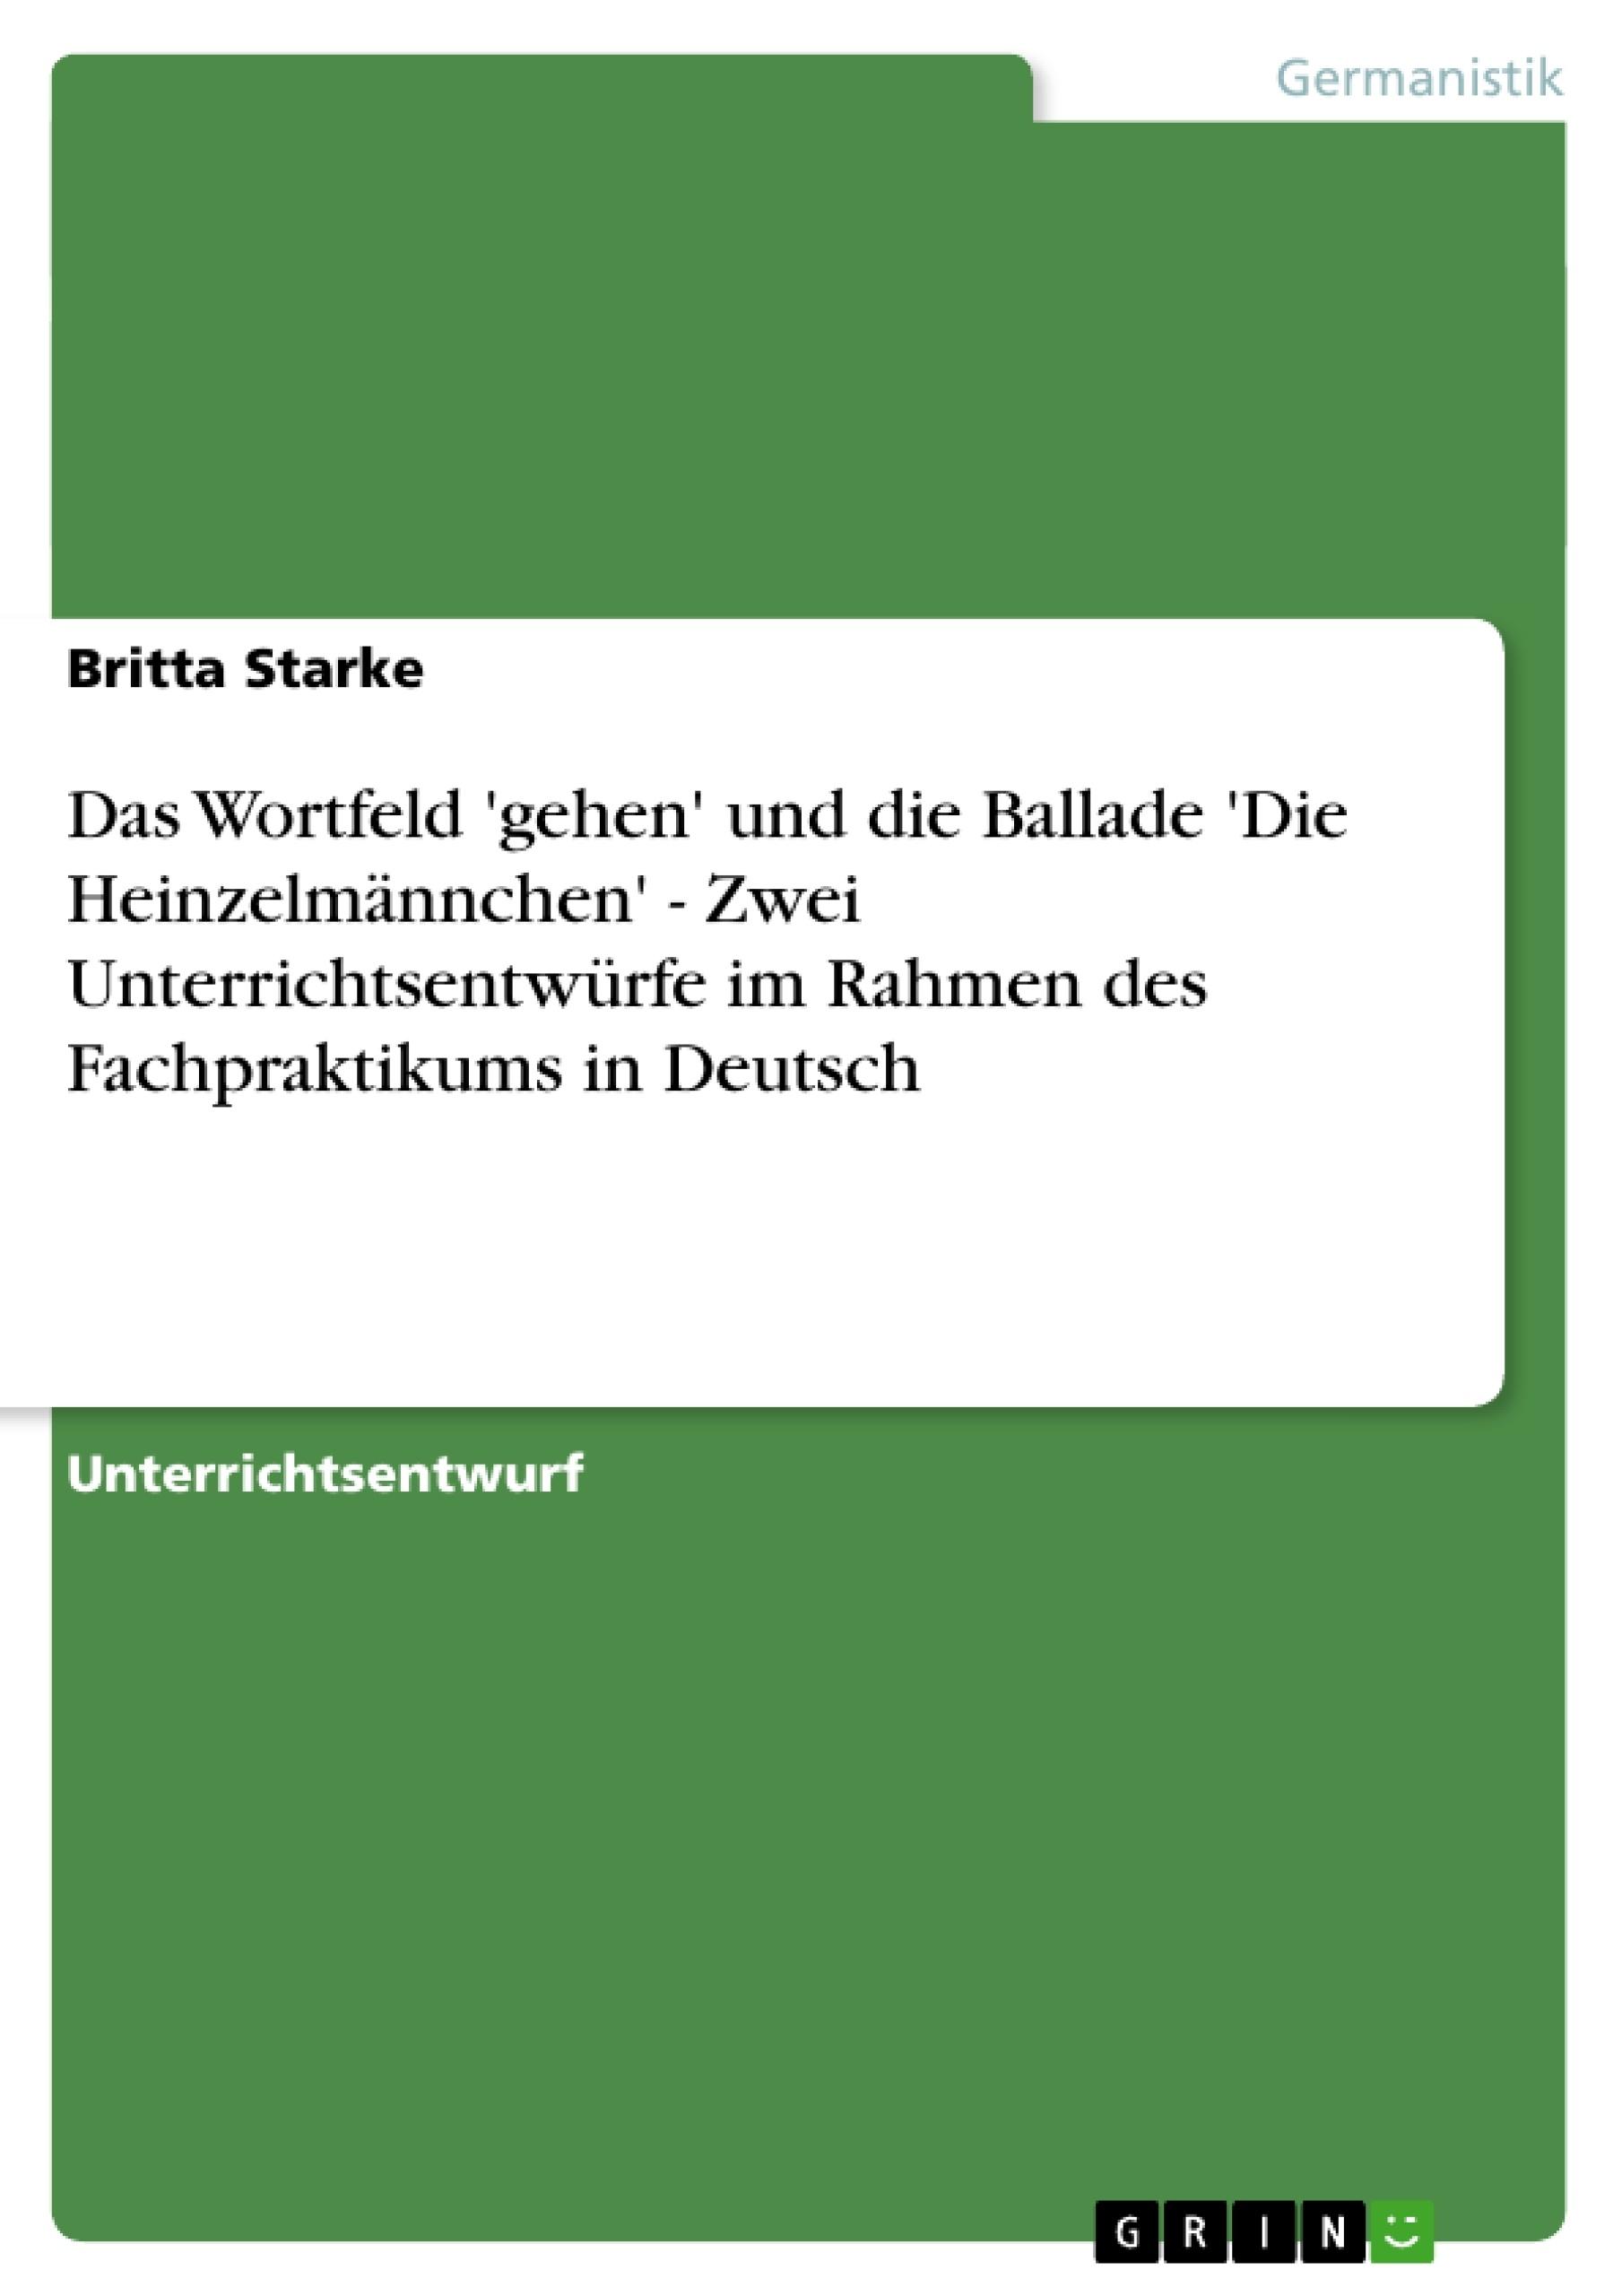 Titel: Das Wortfeld 'gehen' und die Ballade 'Die Heinzelmännchen' - Zwei Unterrichtsentwürfe im Rahmen des Fachpraktikums in Deutsch